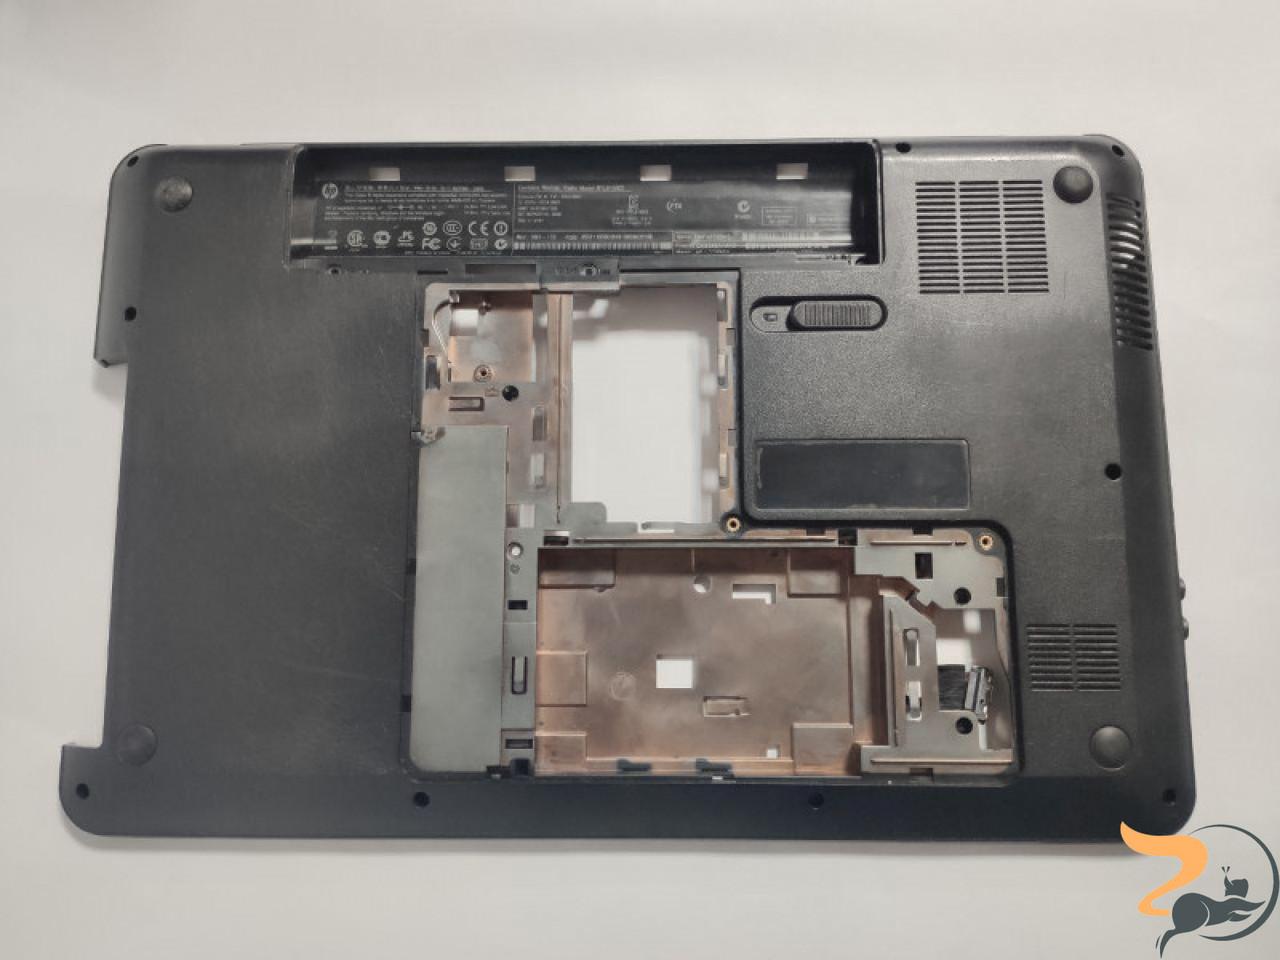 """Нижня частина корпуса для ноутбука HP Pavilion g6, g6-1125sw, 15.6"""", 641967-001, 33R15TP003, б/в. Два кріплення мають маленькі тріщинки (фото),"""